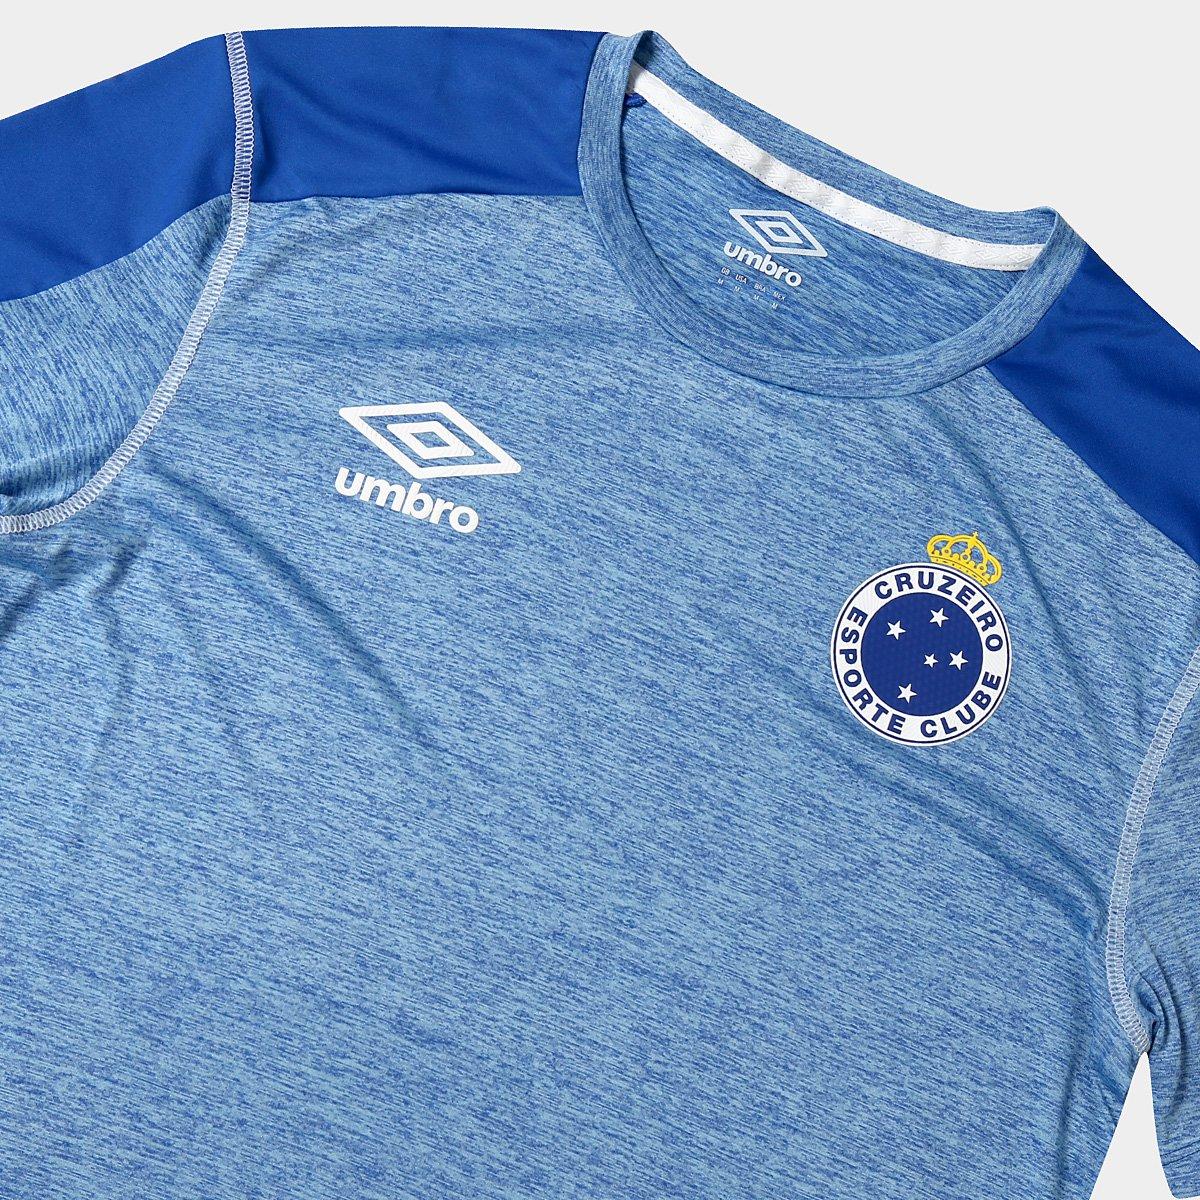 Camisa Cruzeiro 2019 Aquecimento Umbro Masculina - Azul - Compre ... b4e6343a858f0